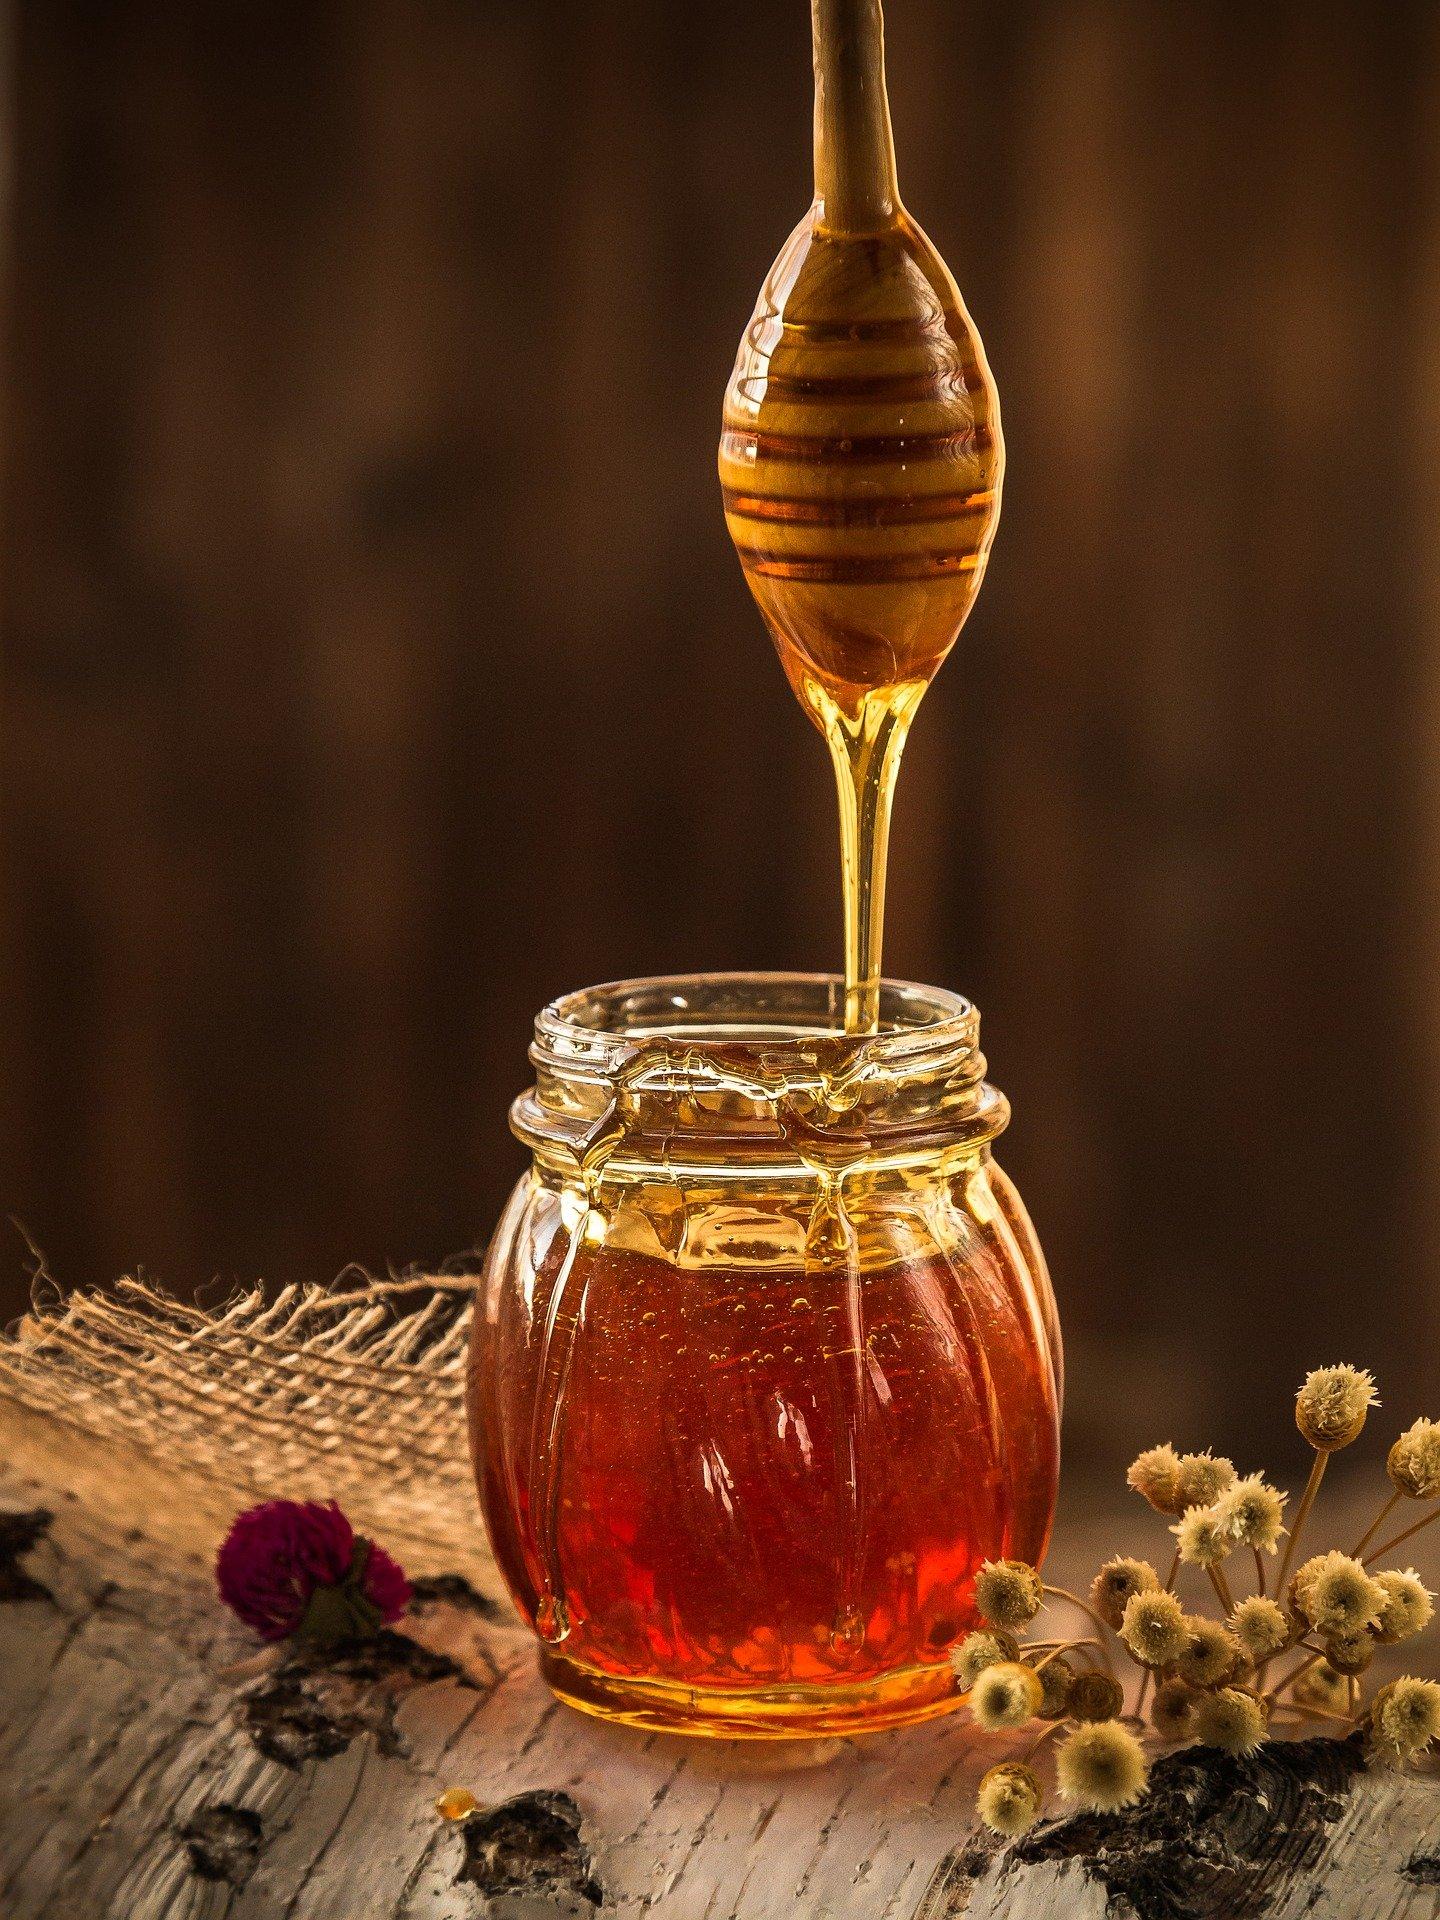 Le miel, l'or de la ruche.